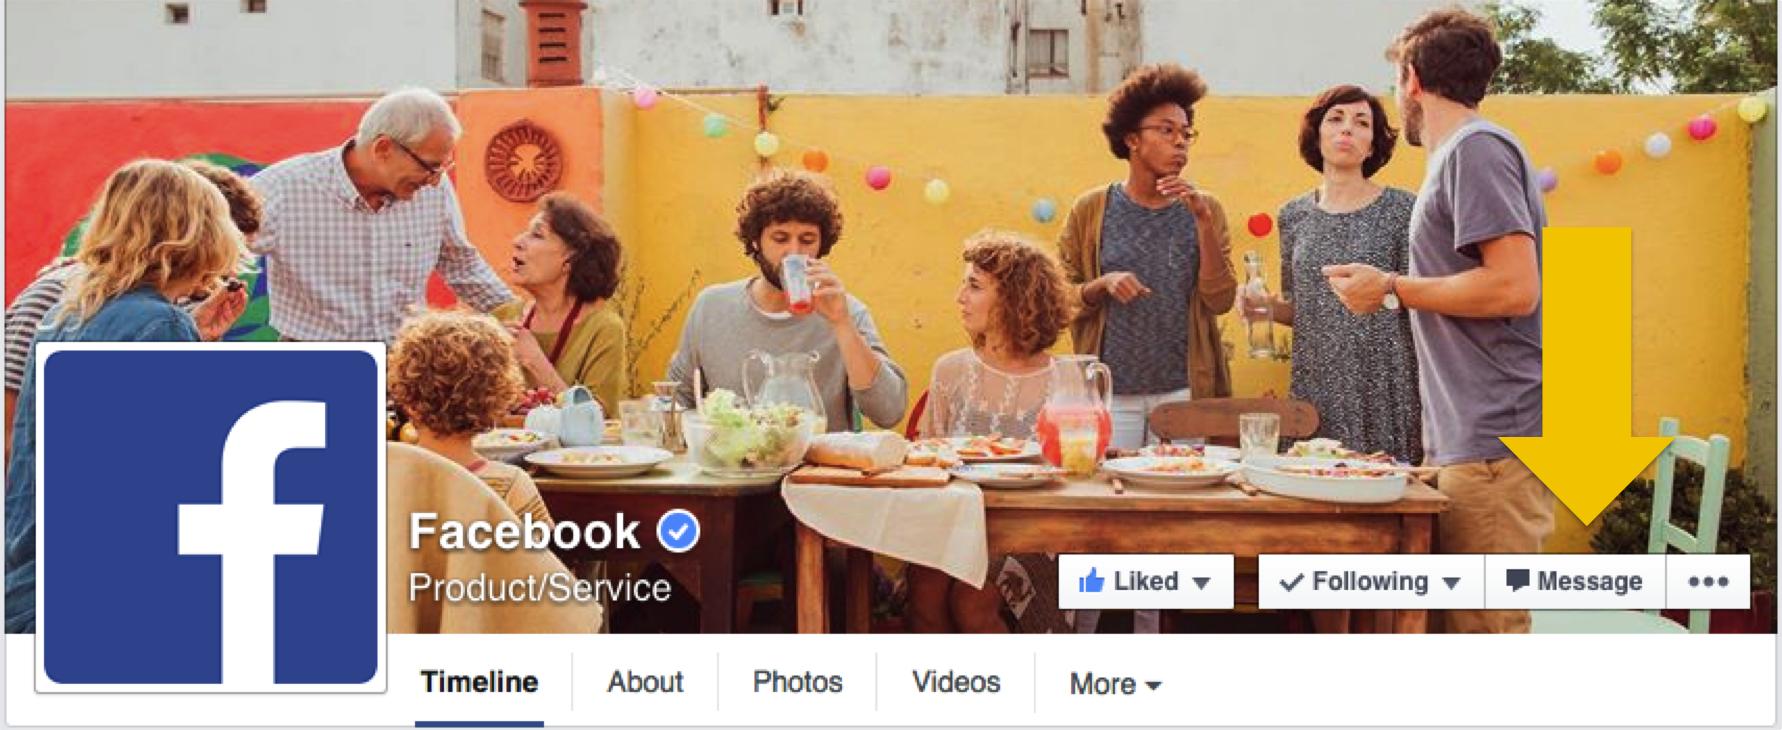 Besked funktion på Facebook pages